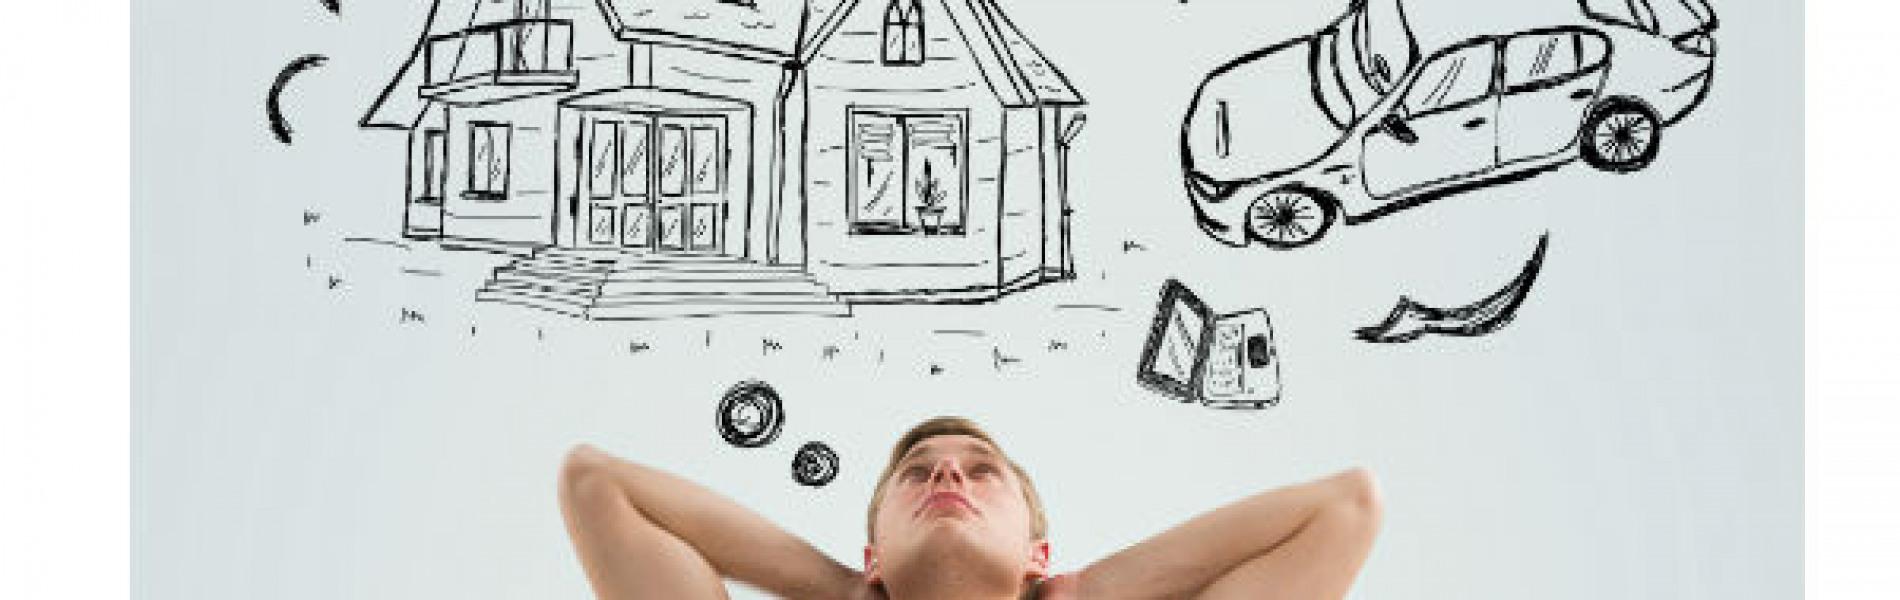 Assurances auto et habitation immigrant qu bec for Assurance maison quebec